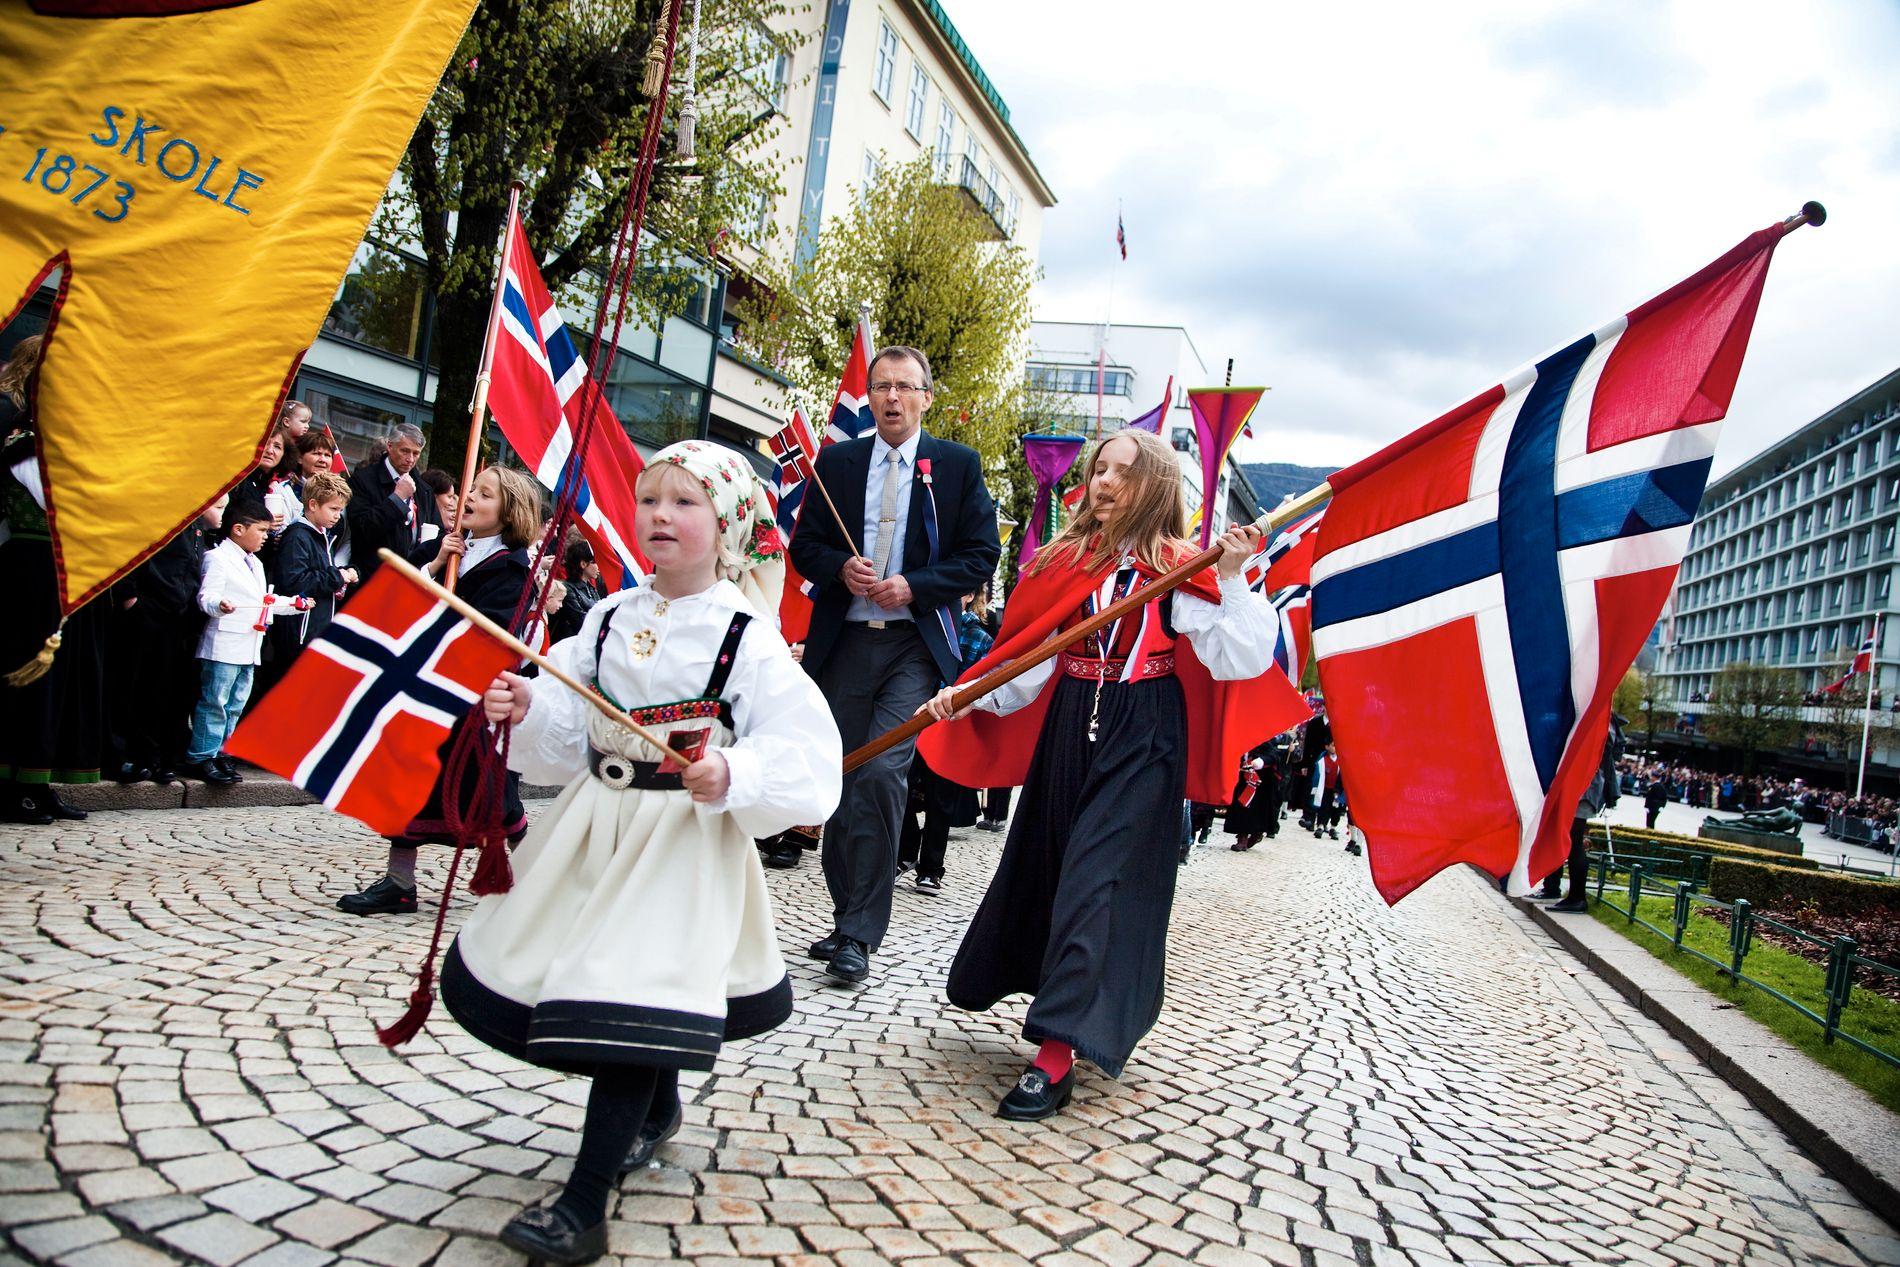 VUNNET FOR BESTE FLAGGTOG: Ifølge Jan Wilhelm Werner har St. Paul skole vunnet for beste flaggtog tre ganger de siste 10–15 årene. Han begrunner det med orden i toget, sang, hurrarop, vimpler og få voksne.